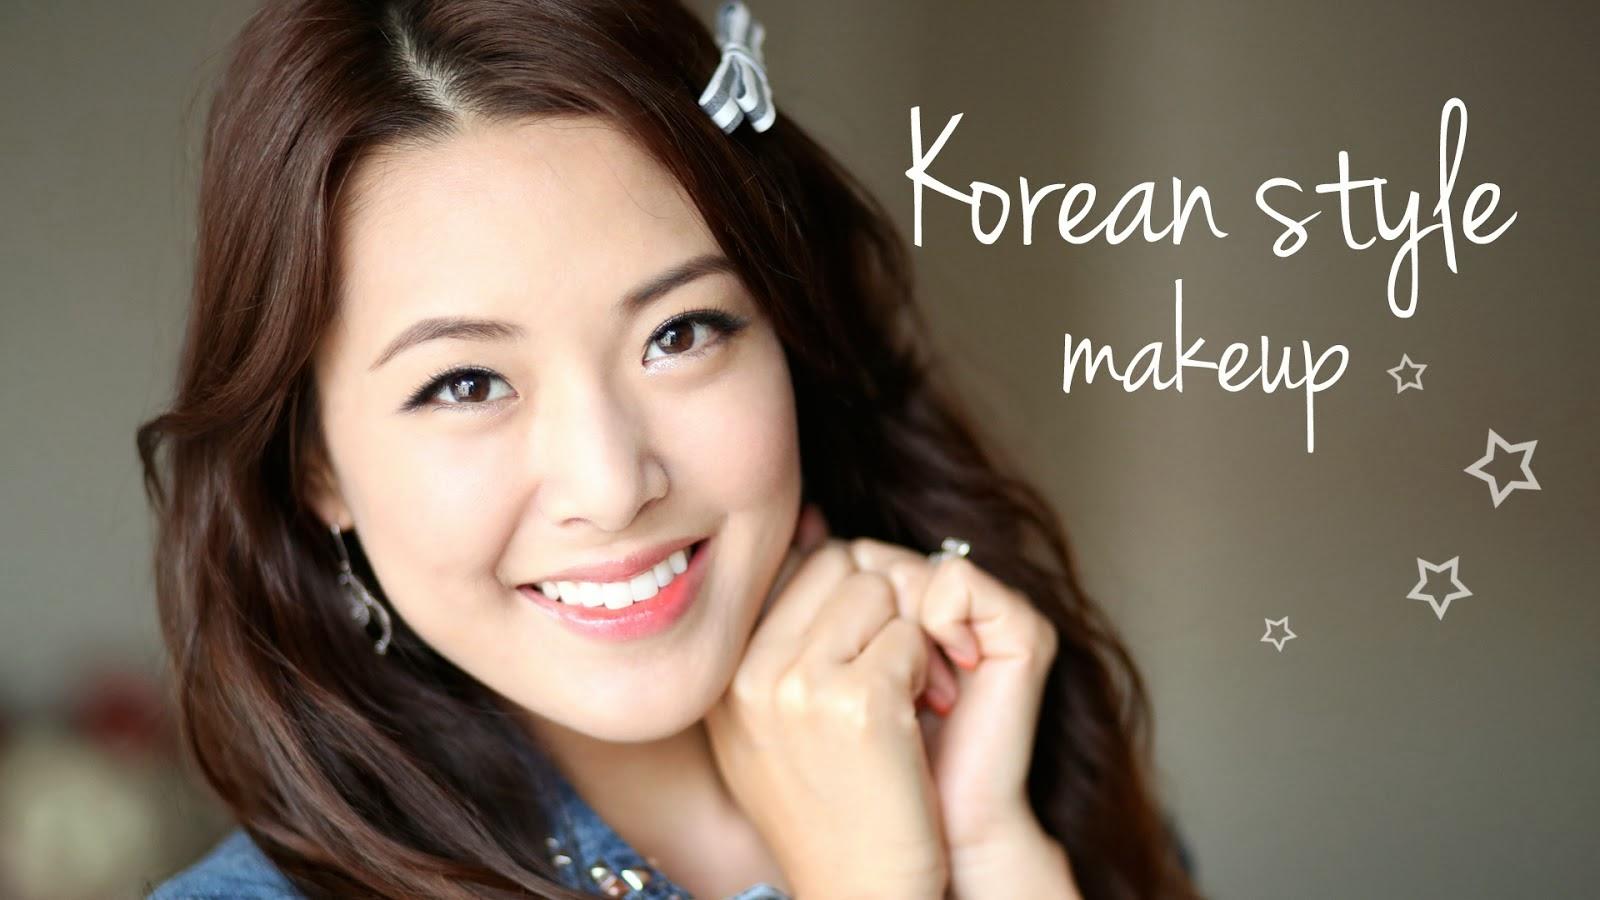 Зарубежный форум. Корейская косметика для Вас и не только. Все бренды. Декабрь 2016